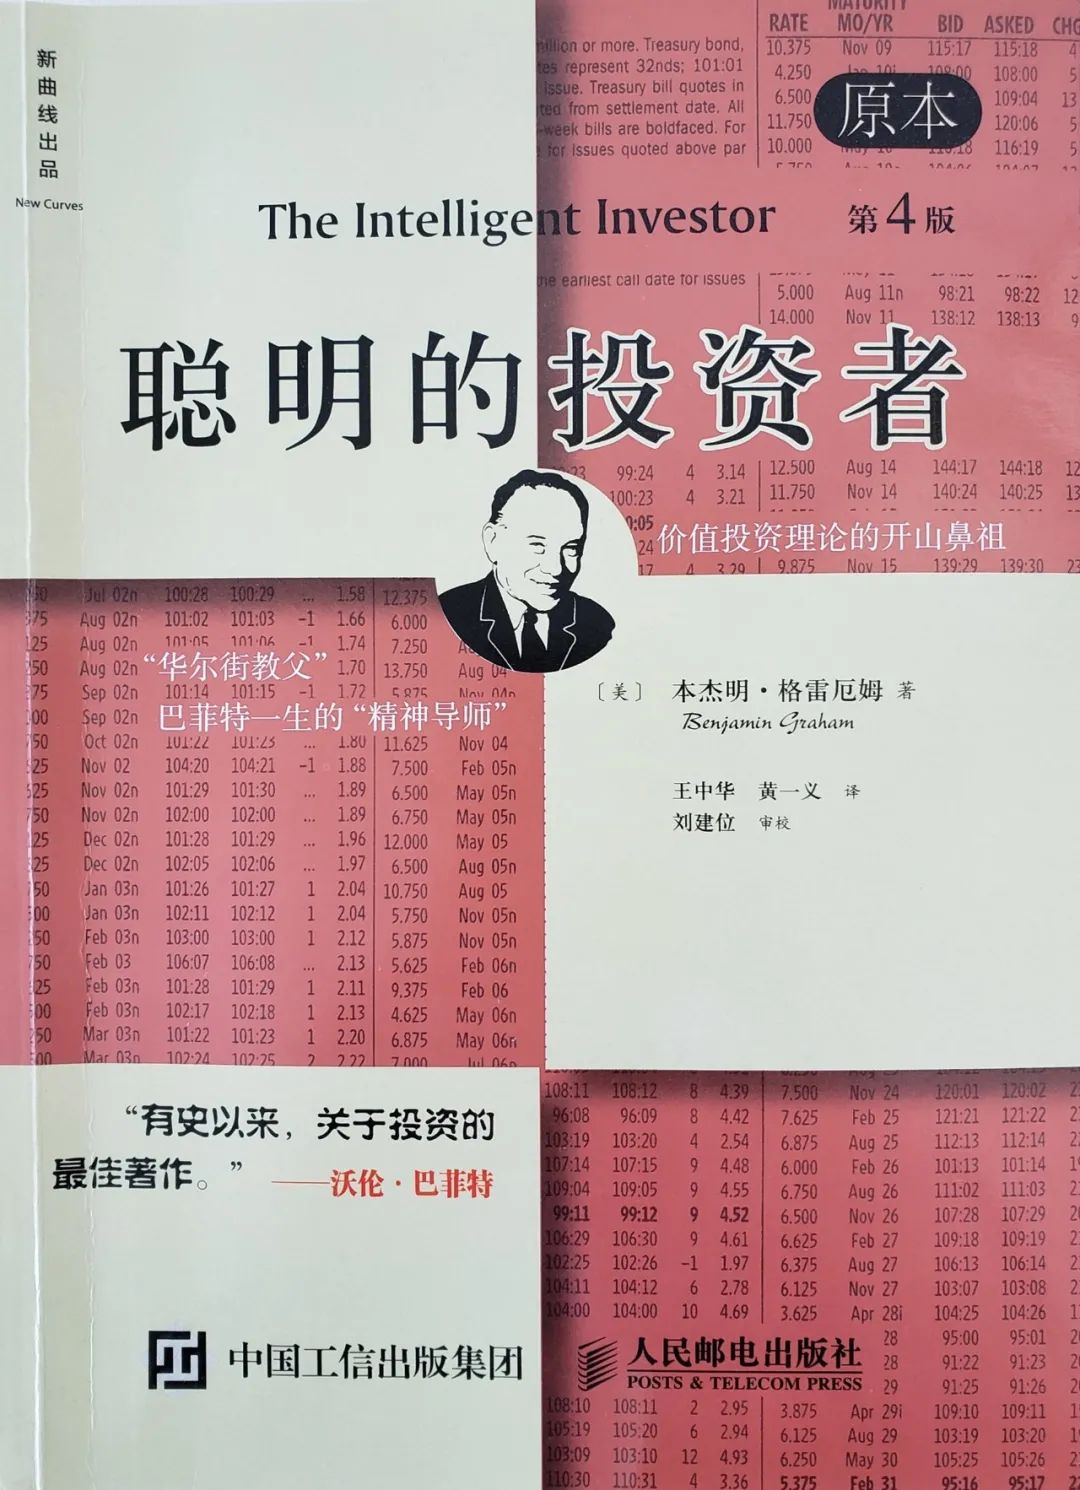 悦读 | 读《聪明的投资者》,品价值投资的矛与盾